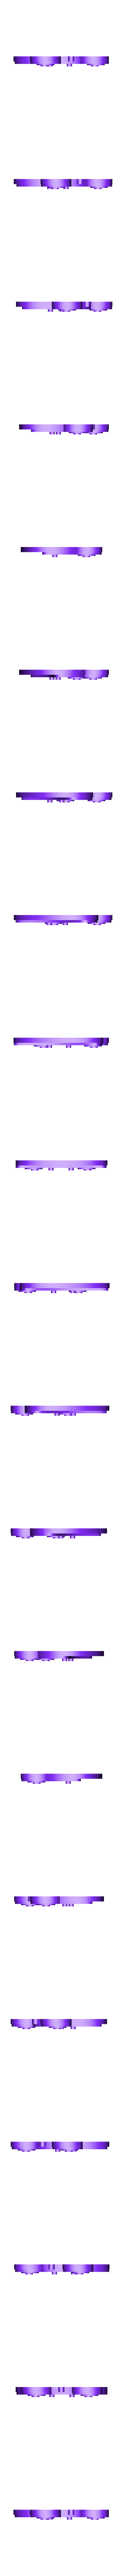 pendatfrog.stl Download STL file frog pendant • 3D printable design, AramisFernandez